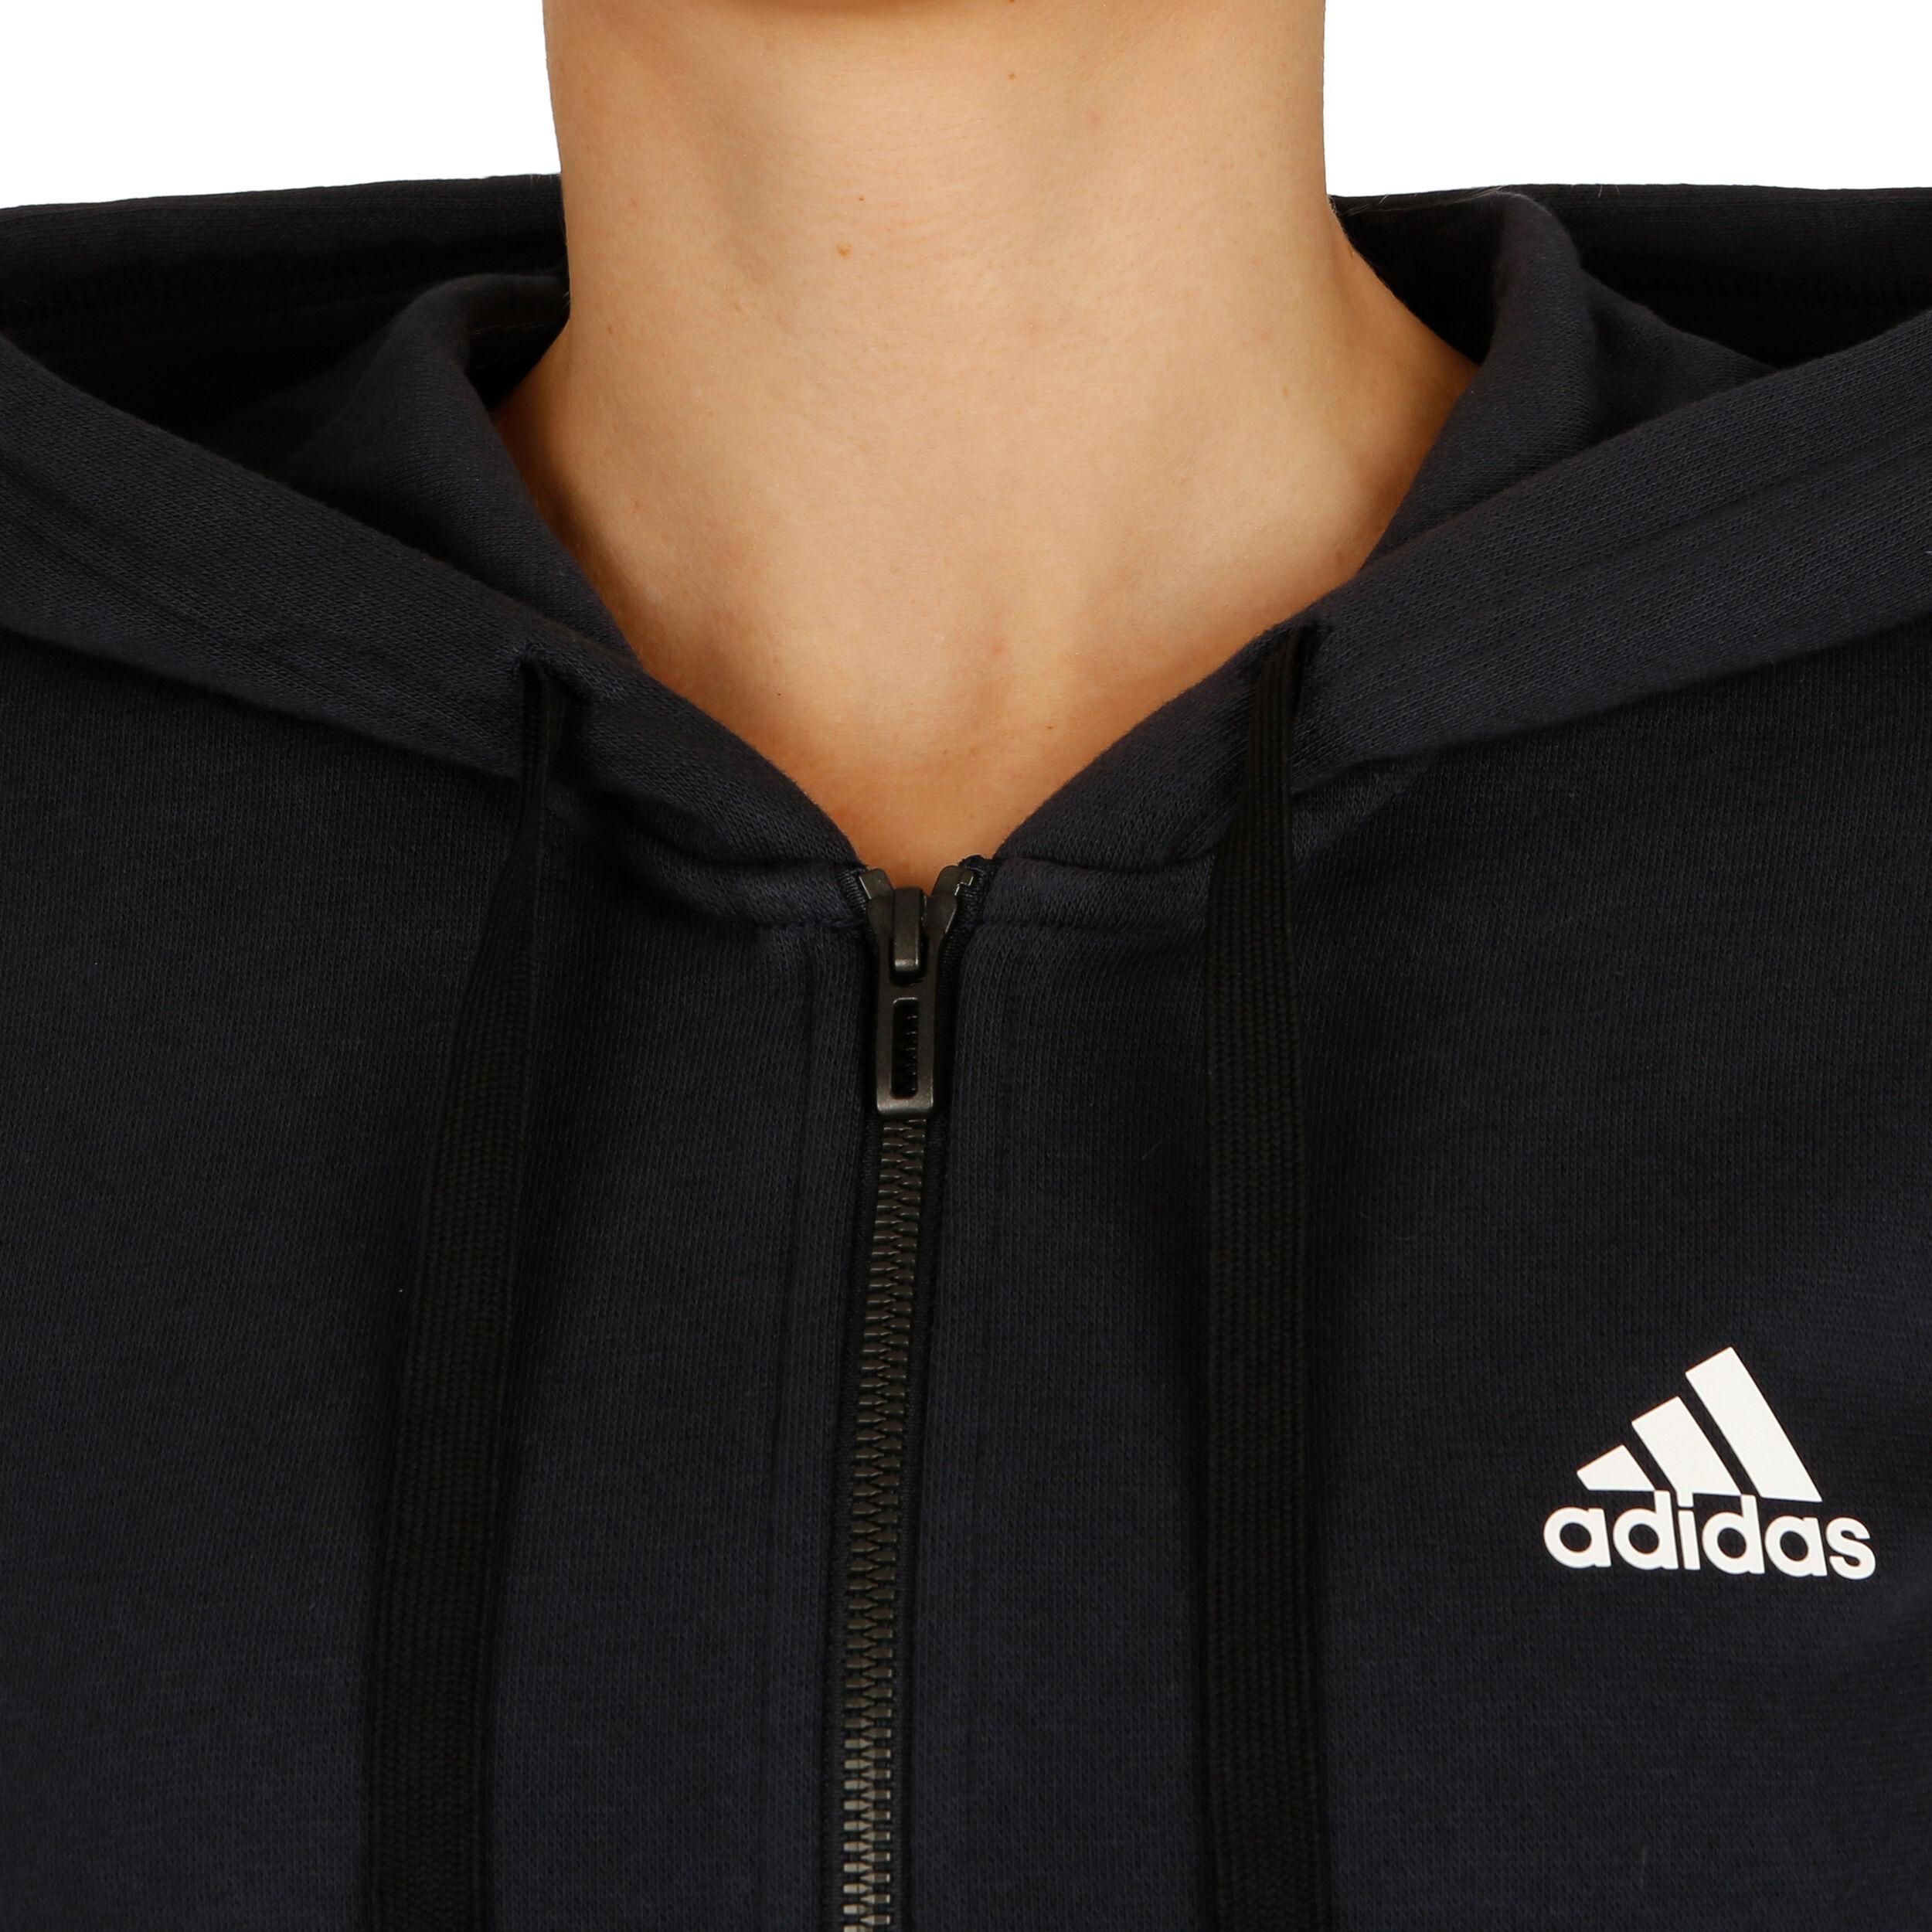 adidas Co Energize Trainingspak Dames Donkerblauw, Wit